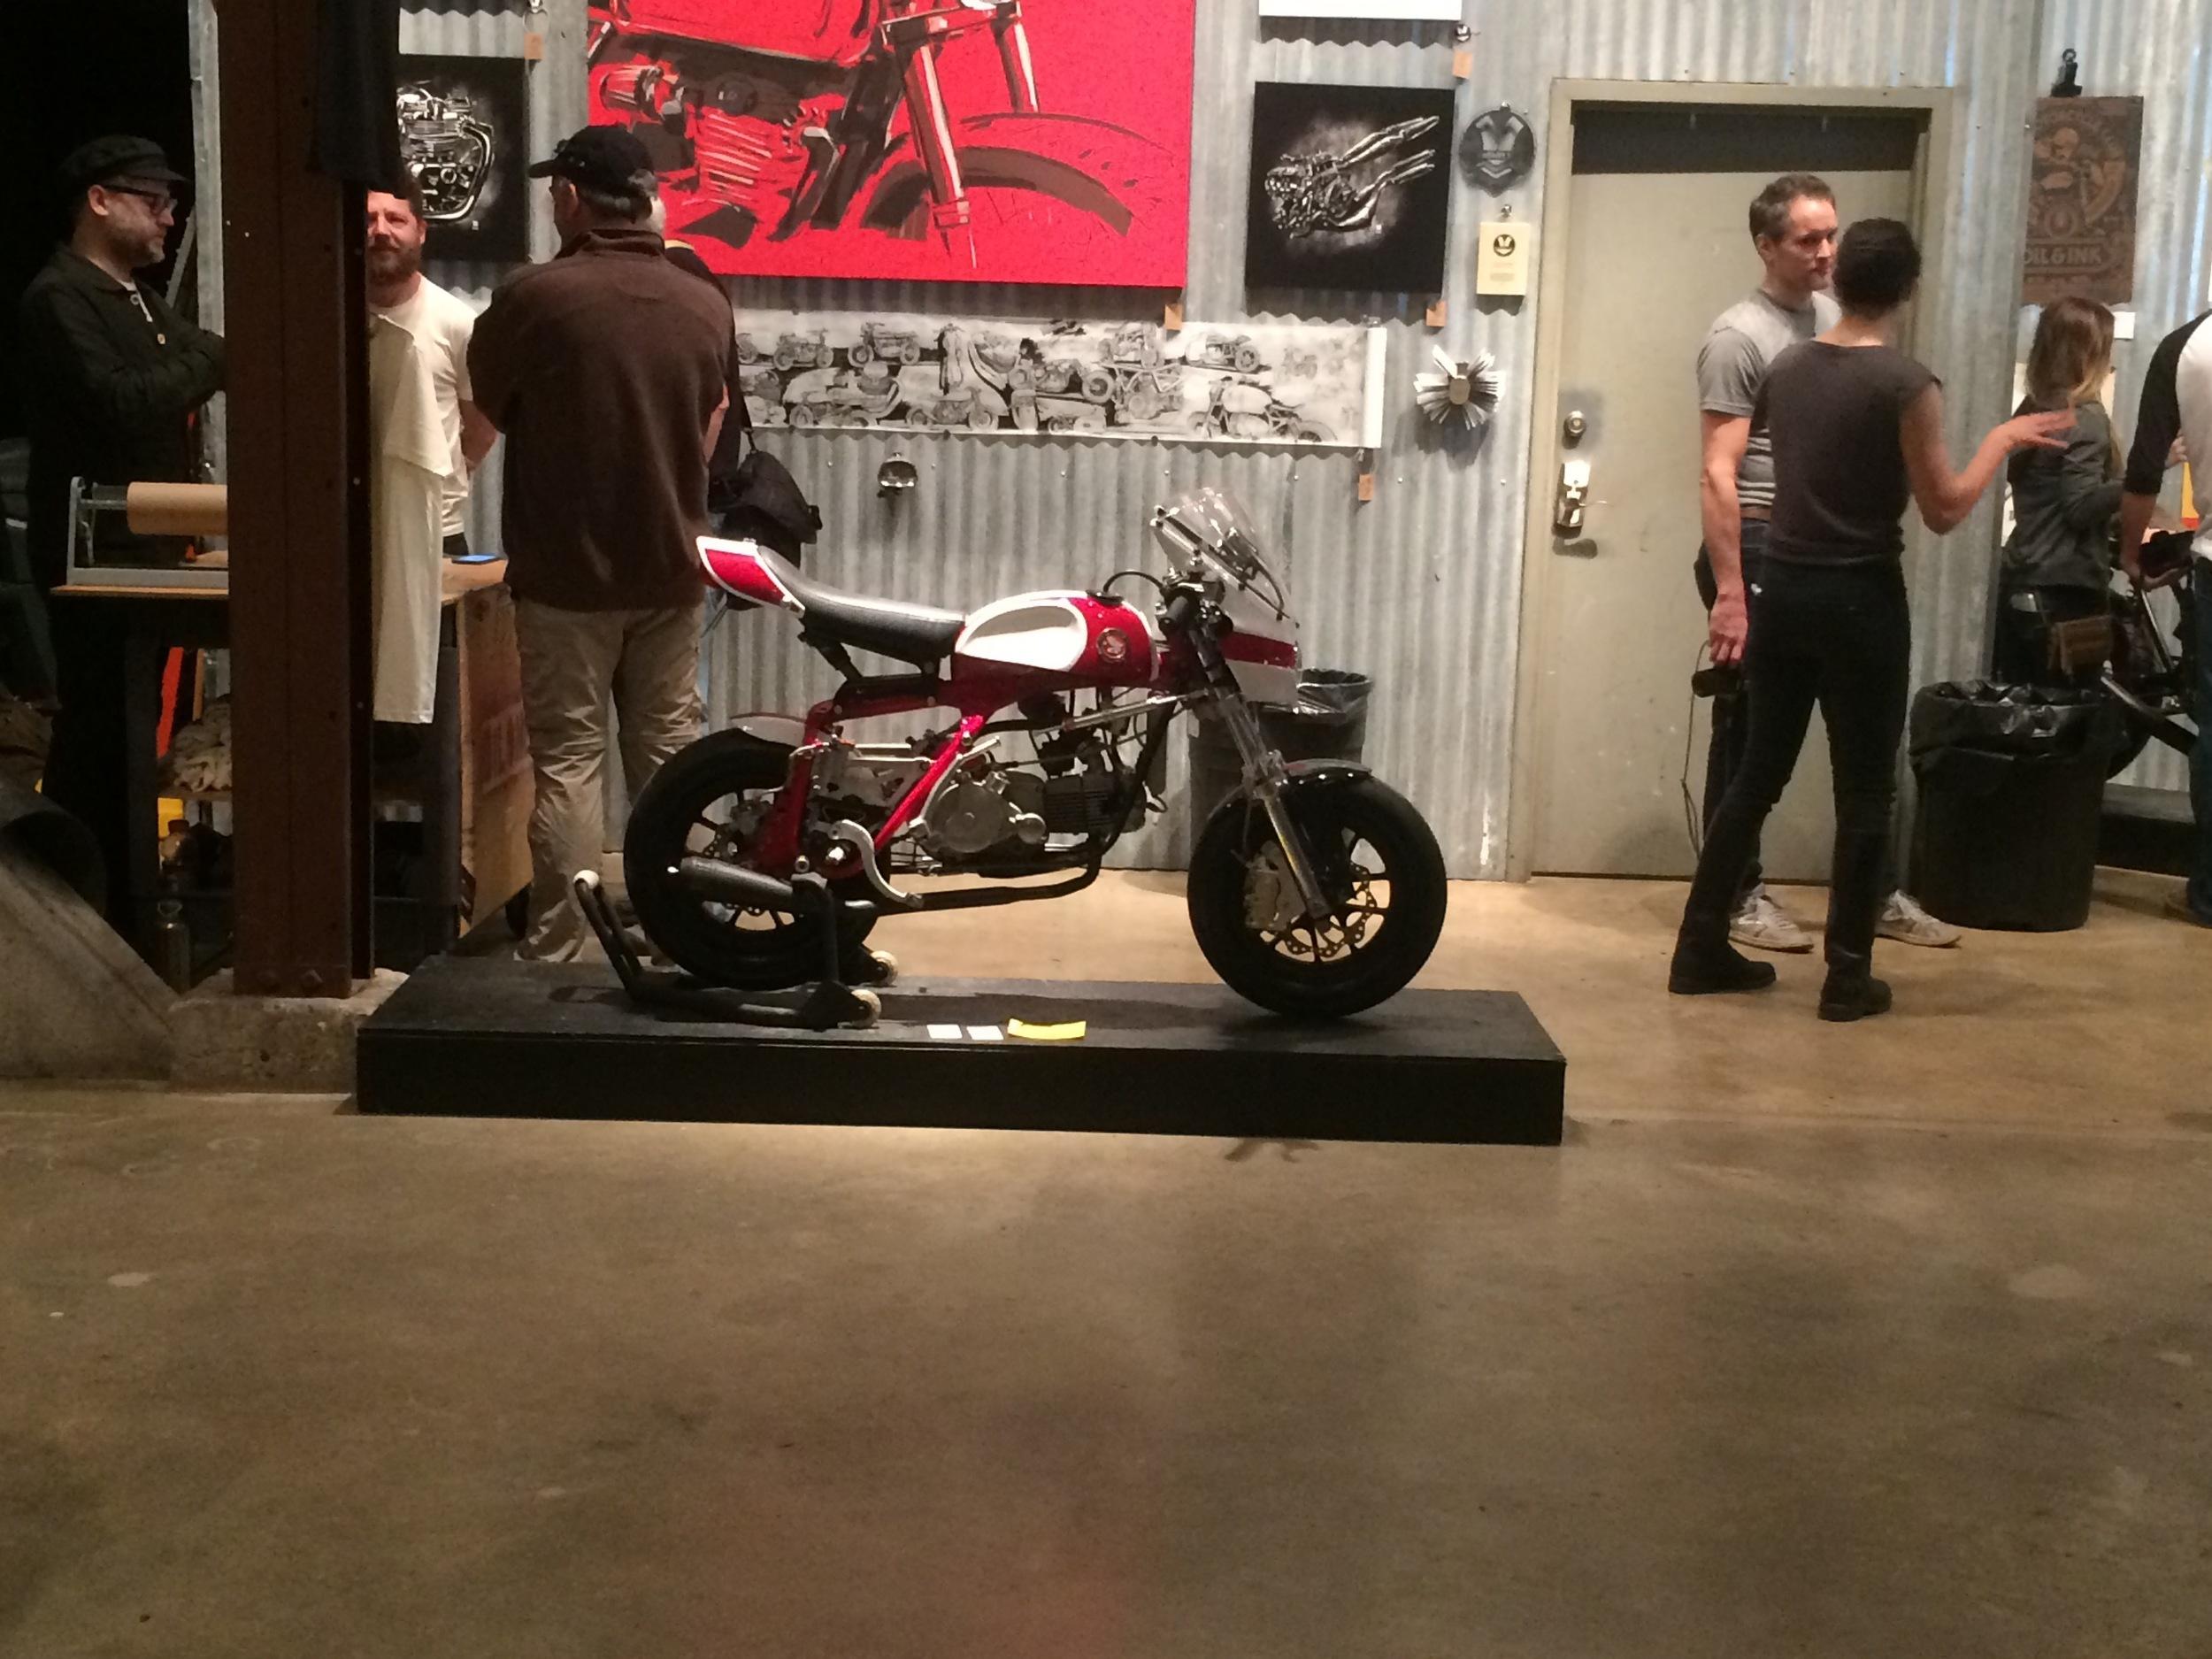 Z50 Magnum at the Handbuilt show.